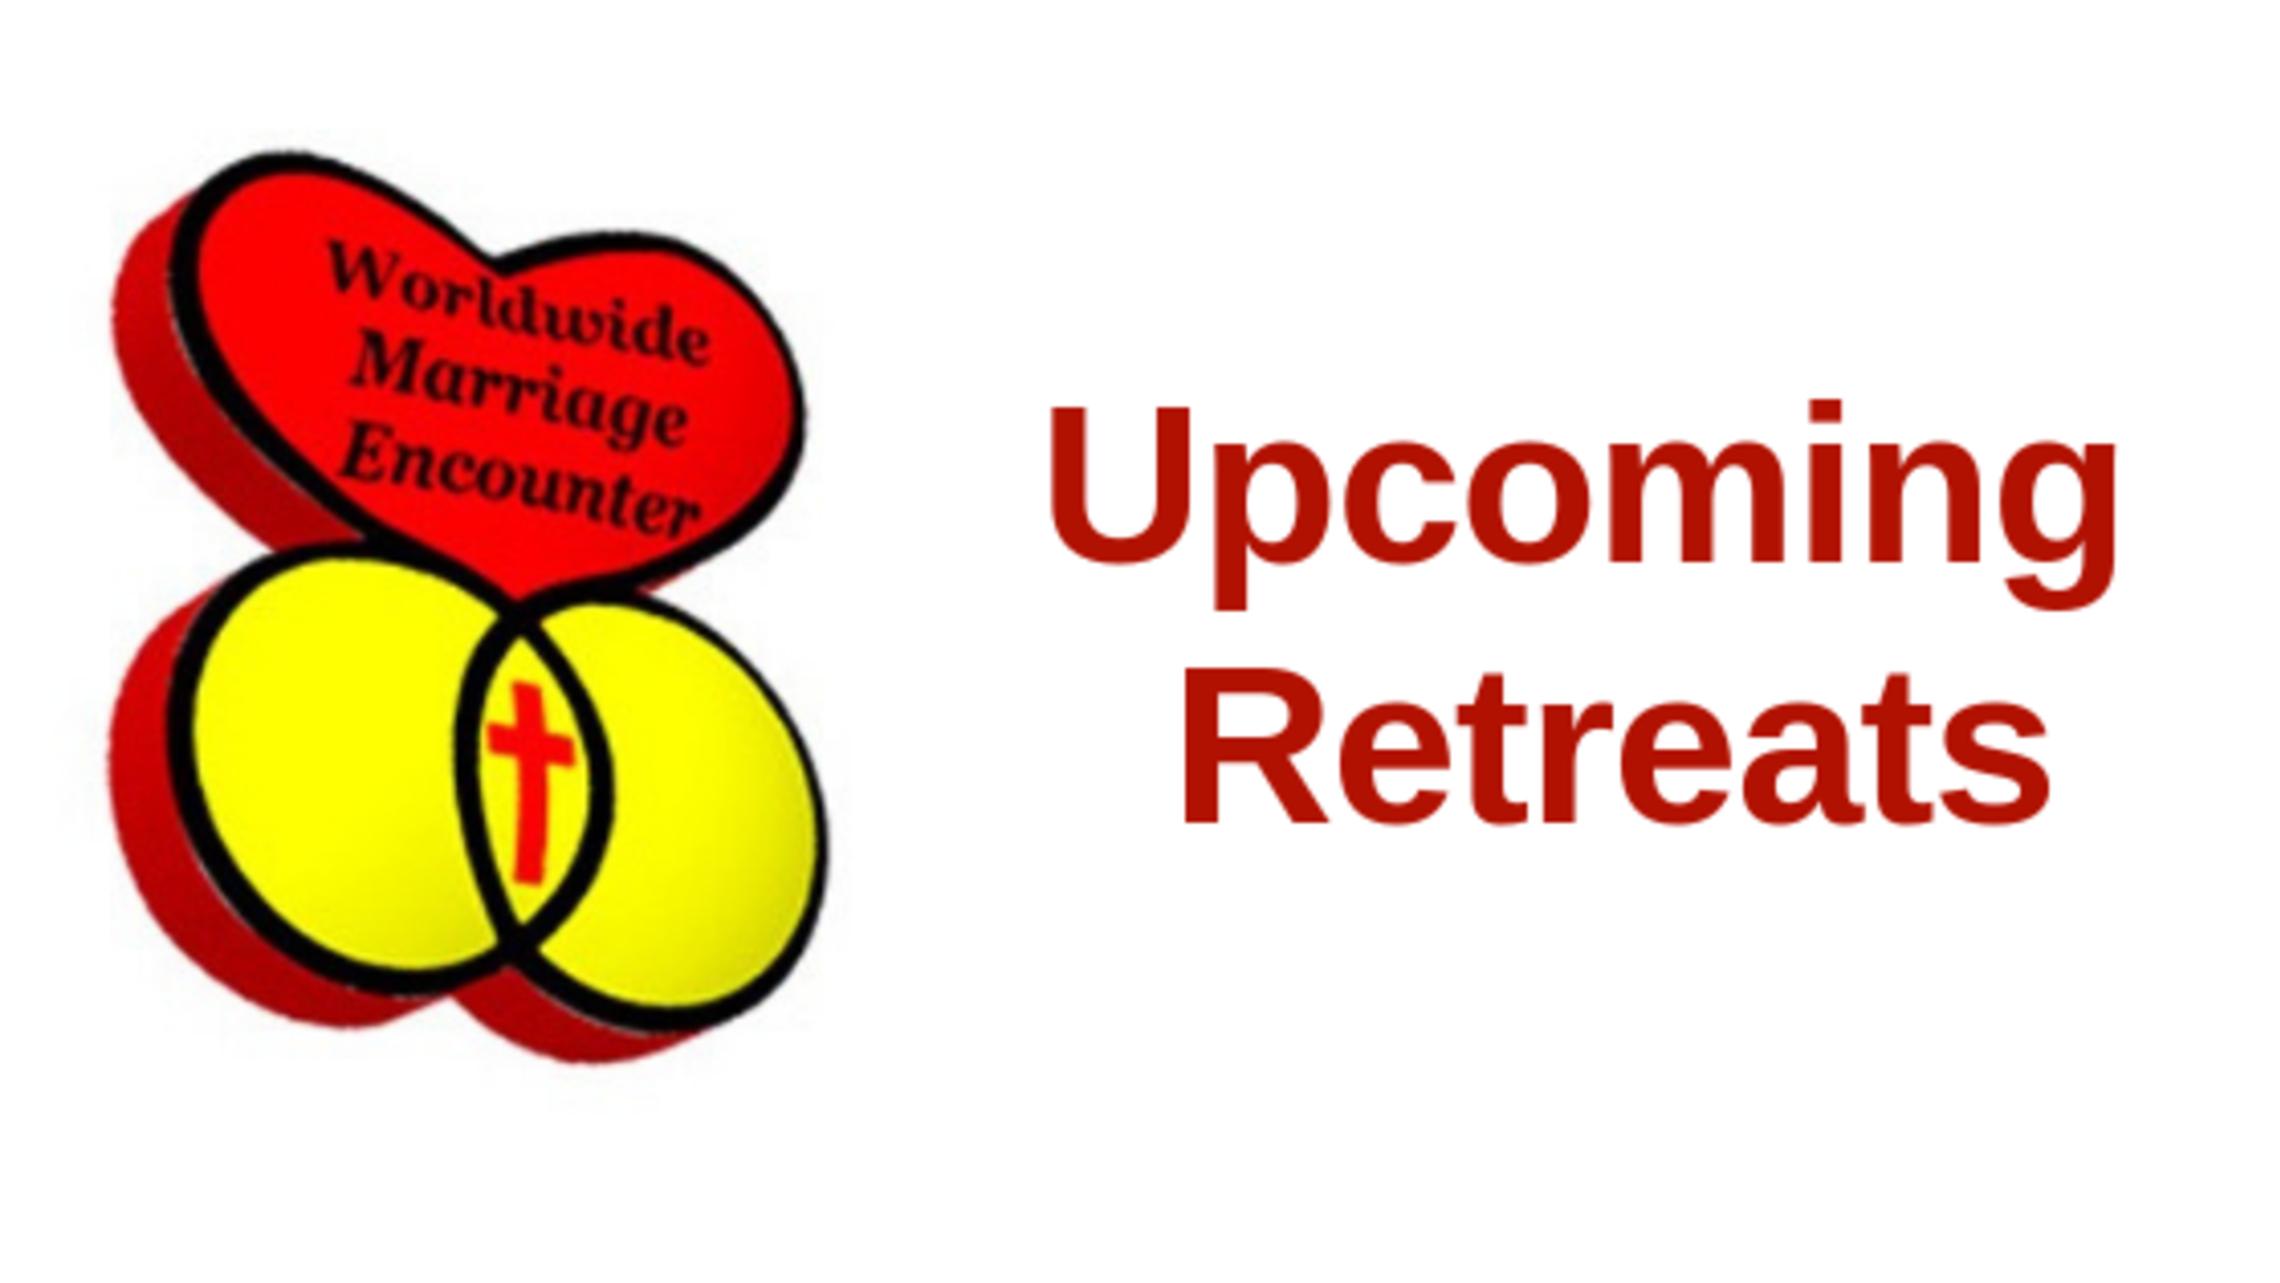 Marriage Encounter Retreats